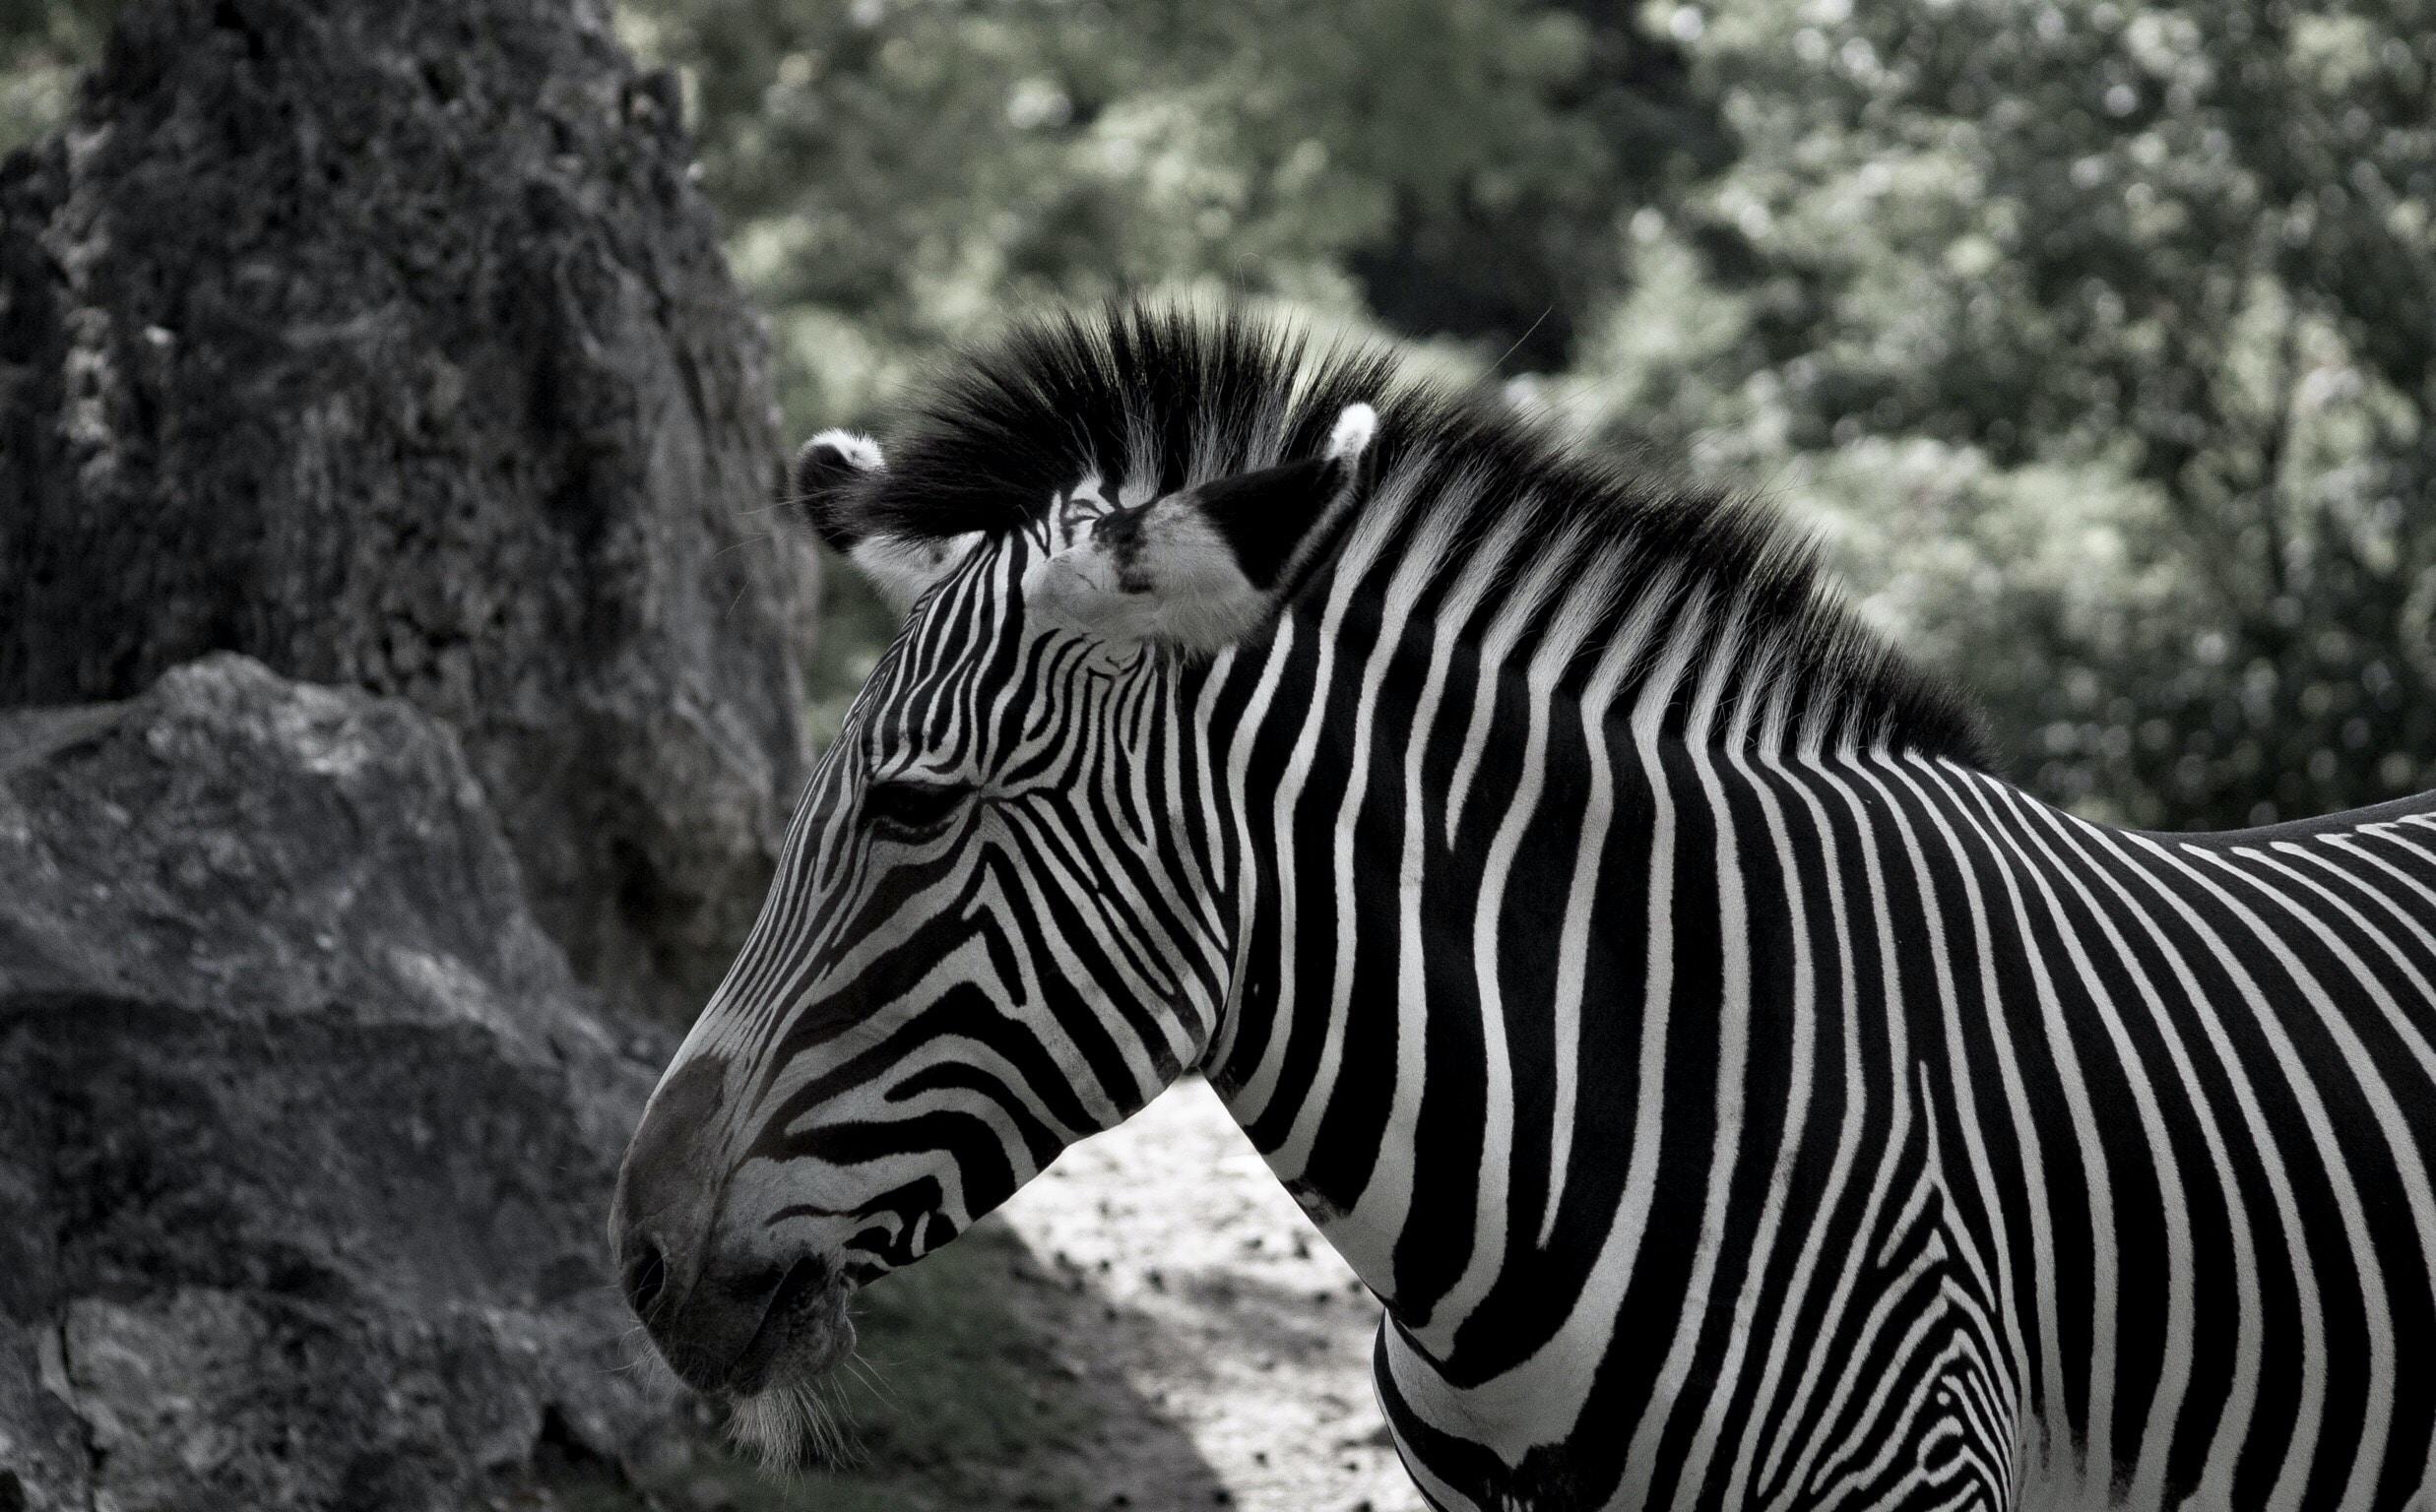 white and black zebra near green leaf trees